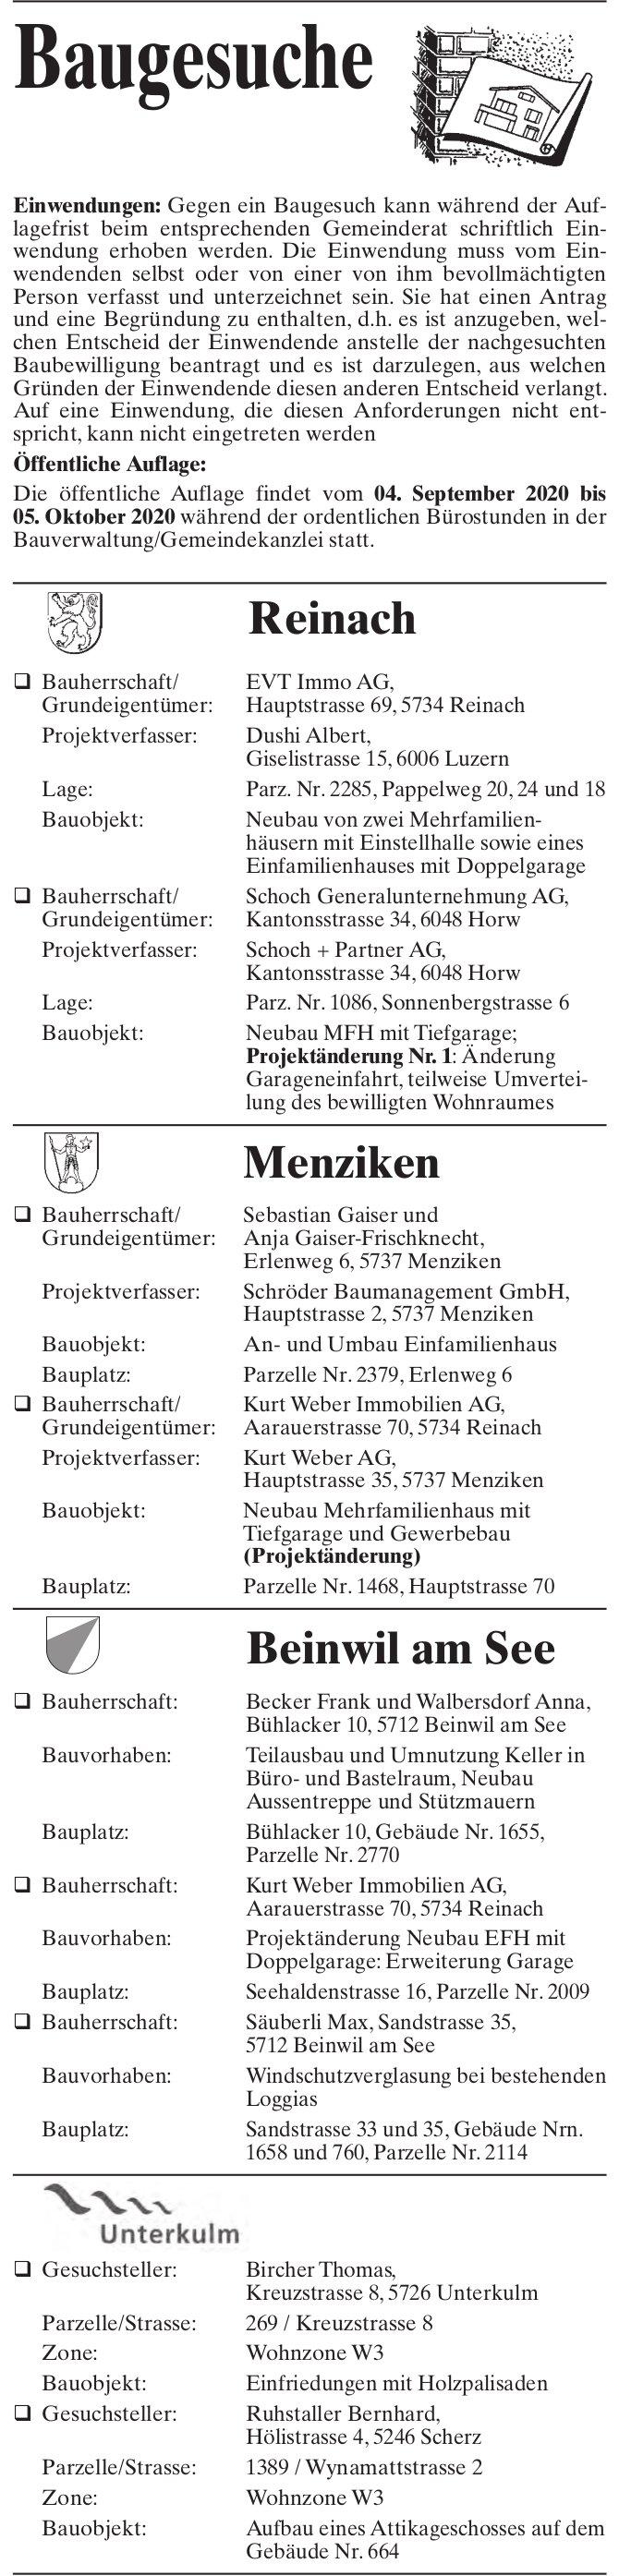 Baugesuche, Reinach, Menziken, Beinwil am See & Unterkulm - Baugesuche